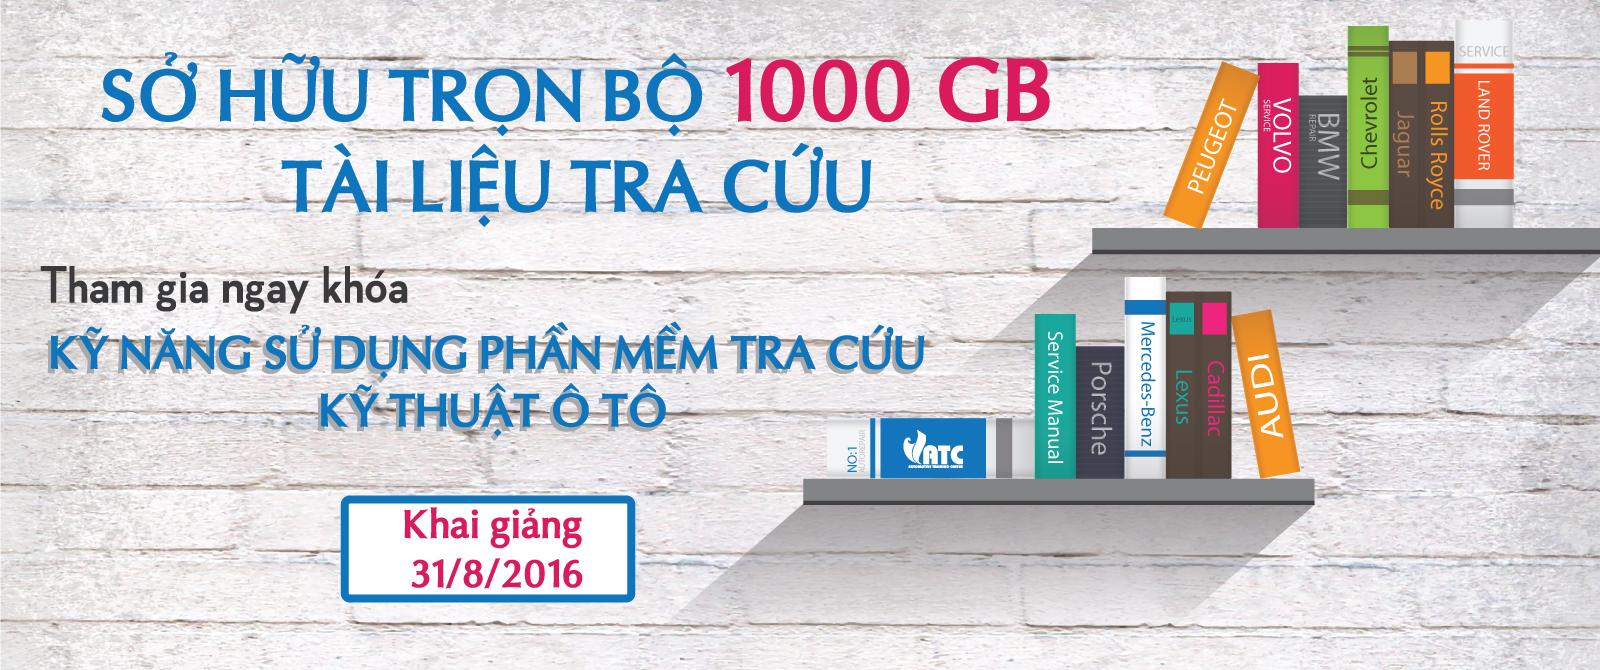 banner-1000gb-tai-lieu-auto